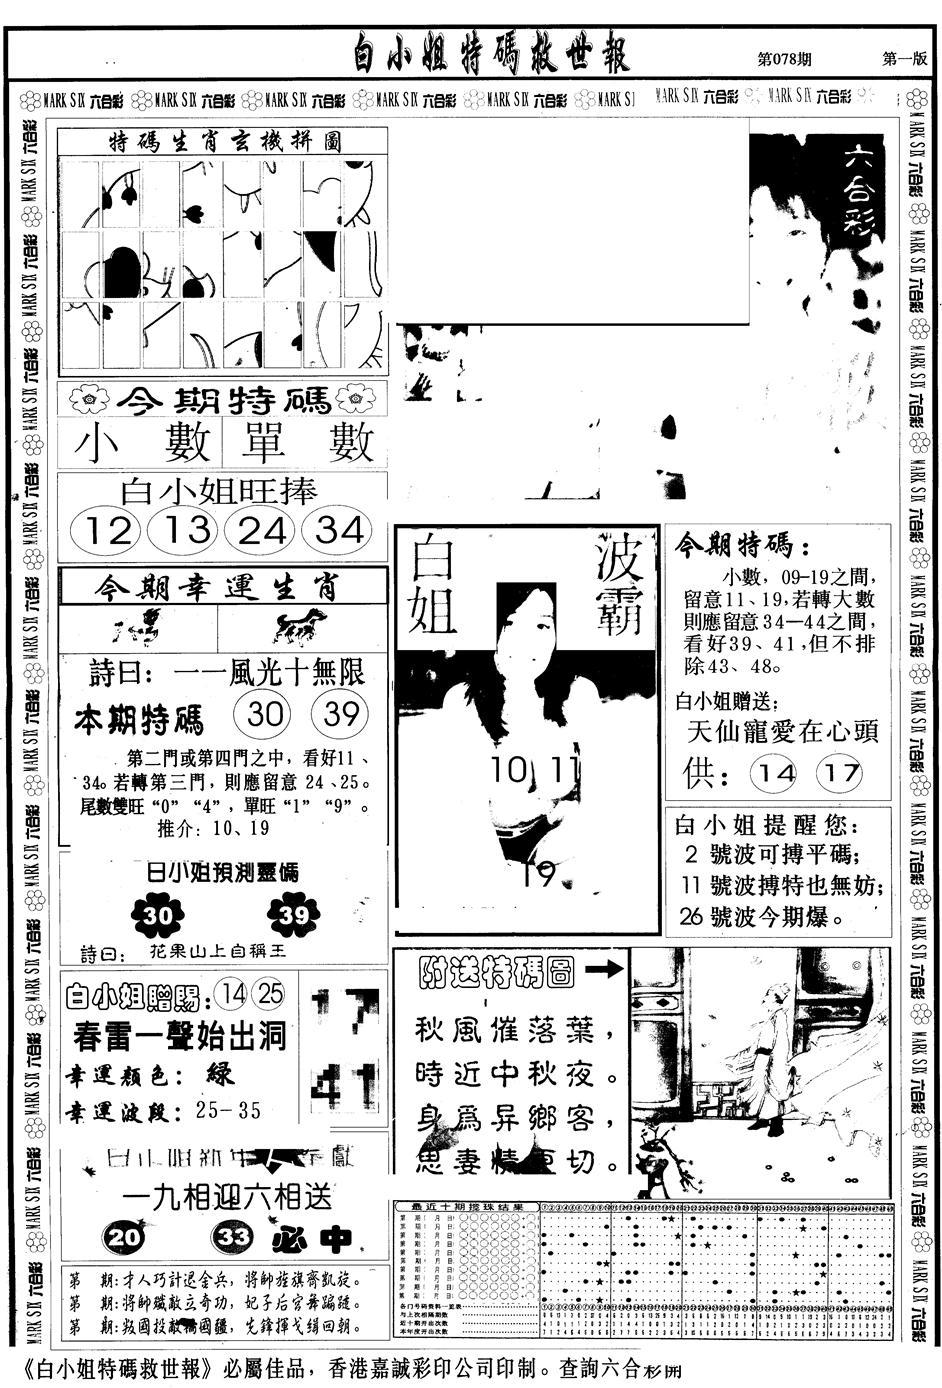 078期另版白急旋风A(黑白)